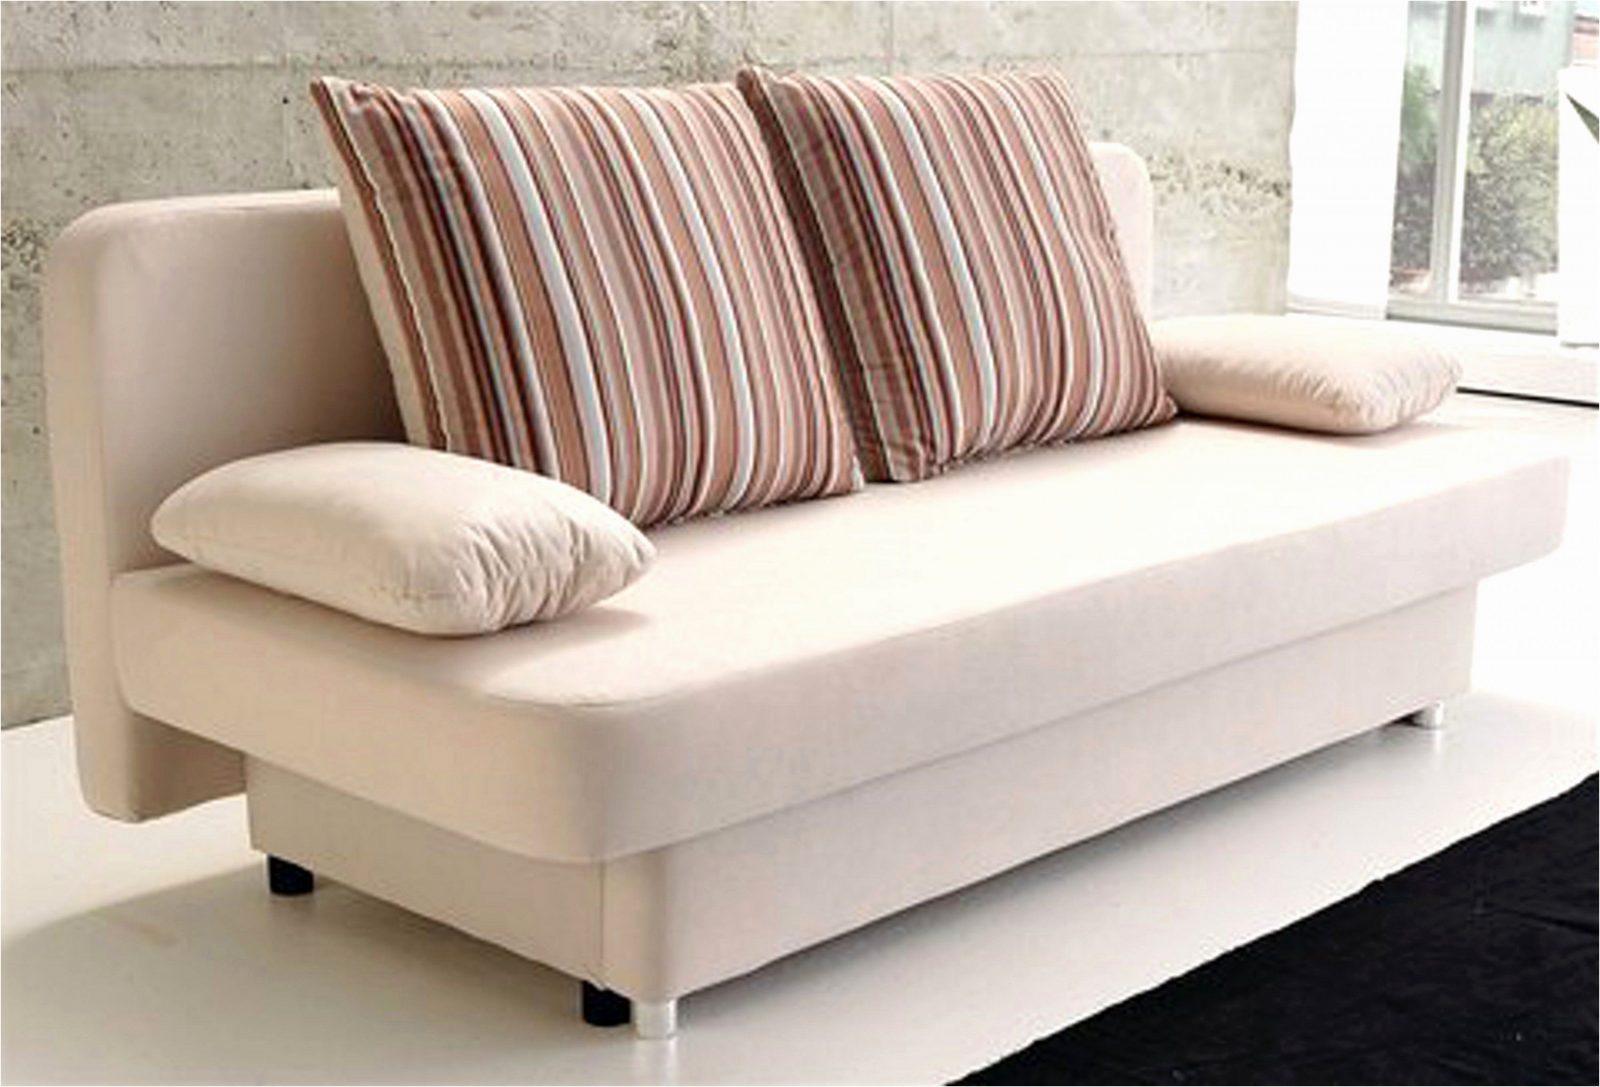 sofa ratenzahlung trotz schufa bett auf raten kaufen. Black Bedroom Furniture Sets. Home Design Ideas